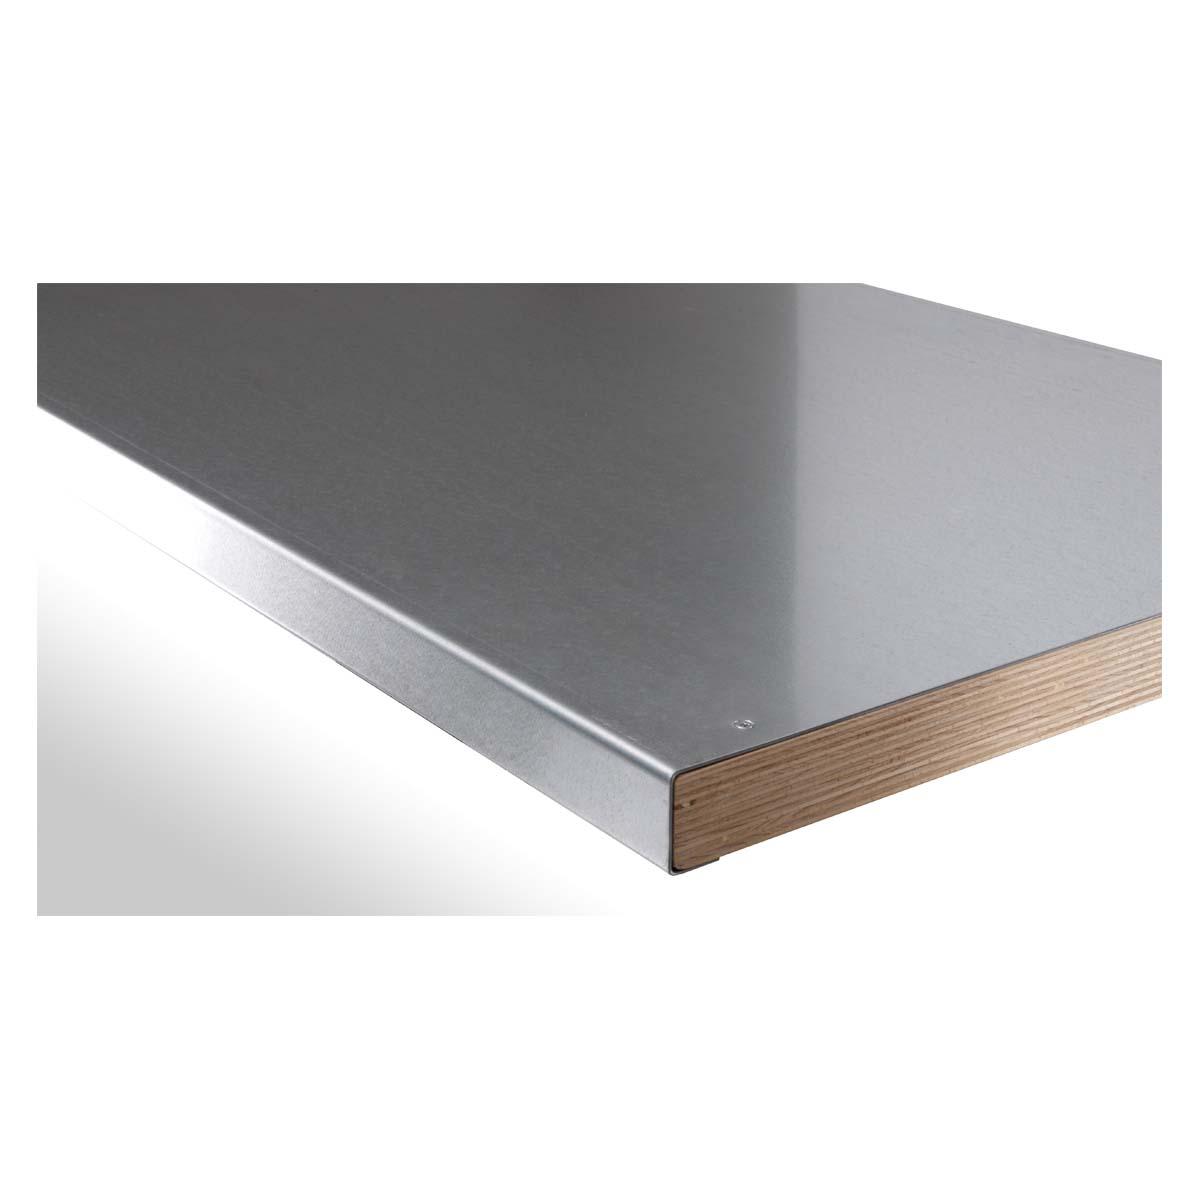 garant arbeitsplatte aus buche multiplex mit stahlblechbelag tiefe 700 mm 1500 mm garant. Black Bedroom Furniture Sets. Home Design Ideas